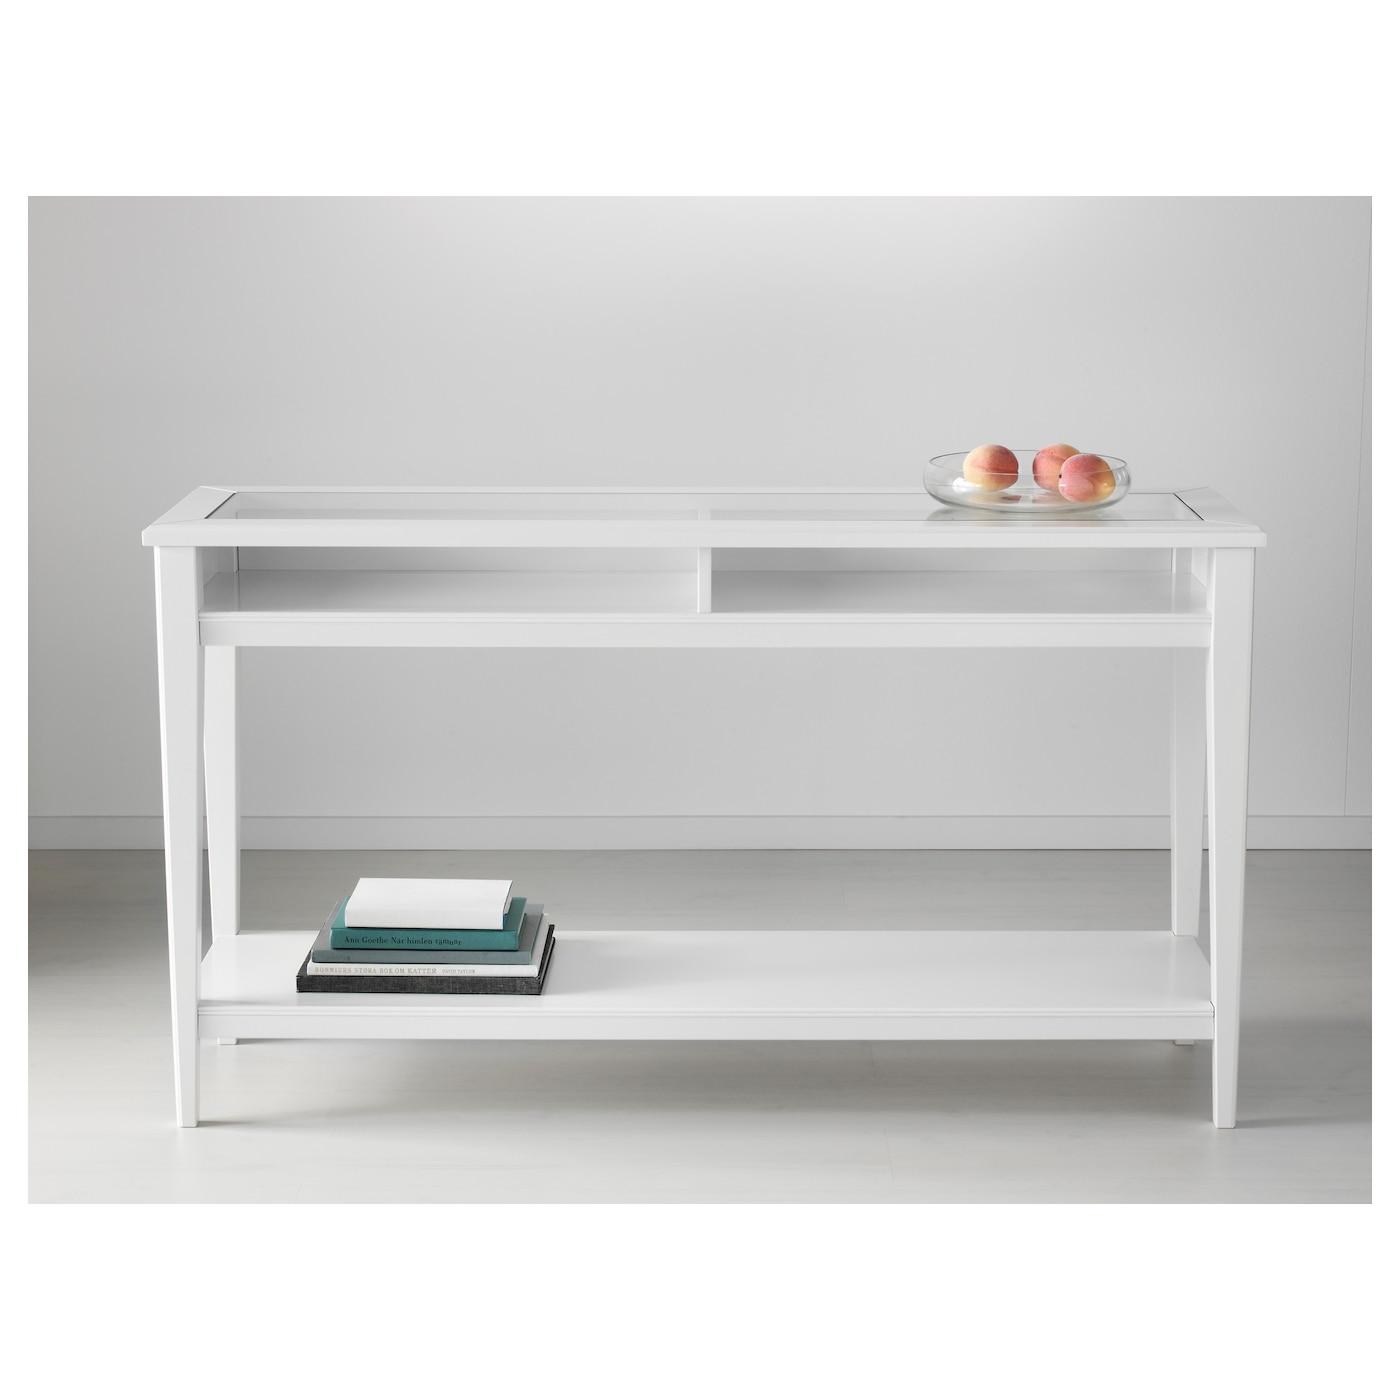 Consolle In Vetro Ikea.Liatorp Console Table White Glass 133x37 Cm Ikea